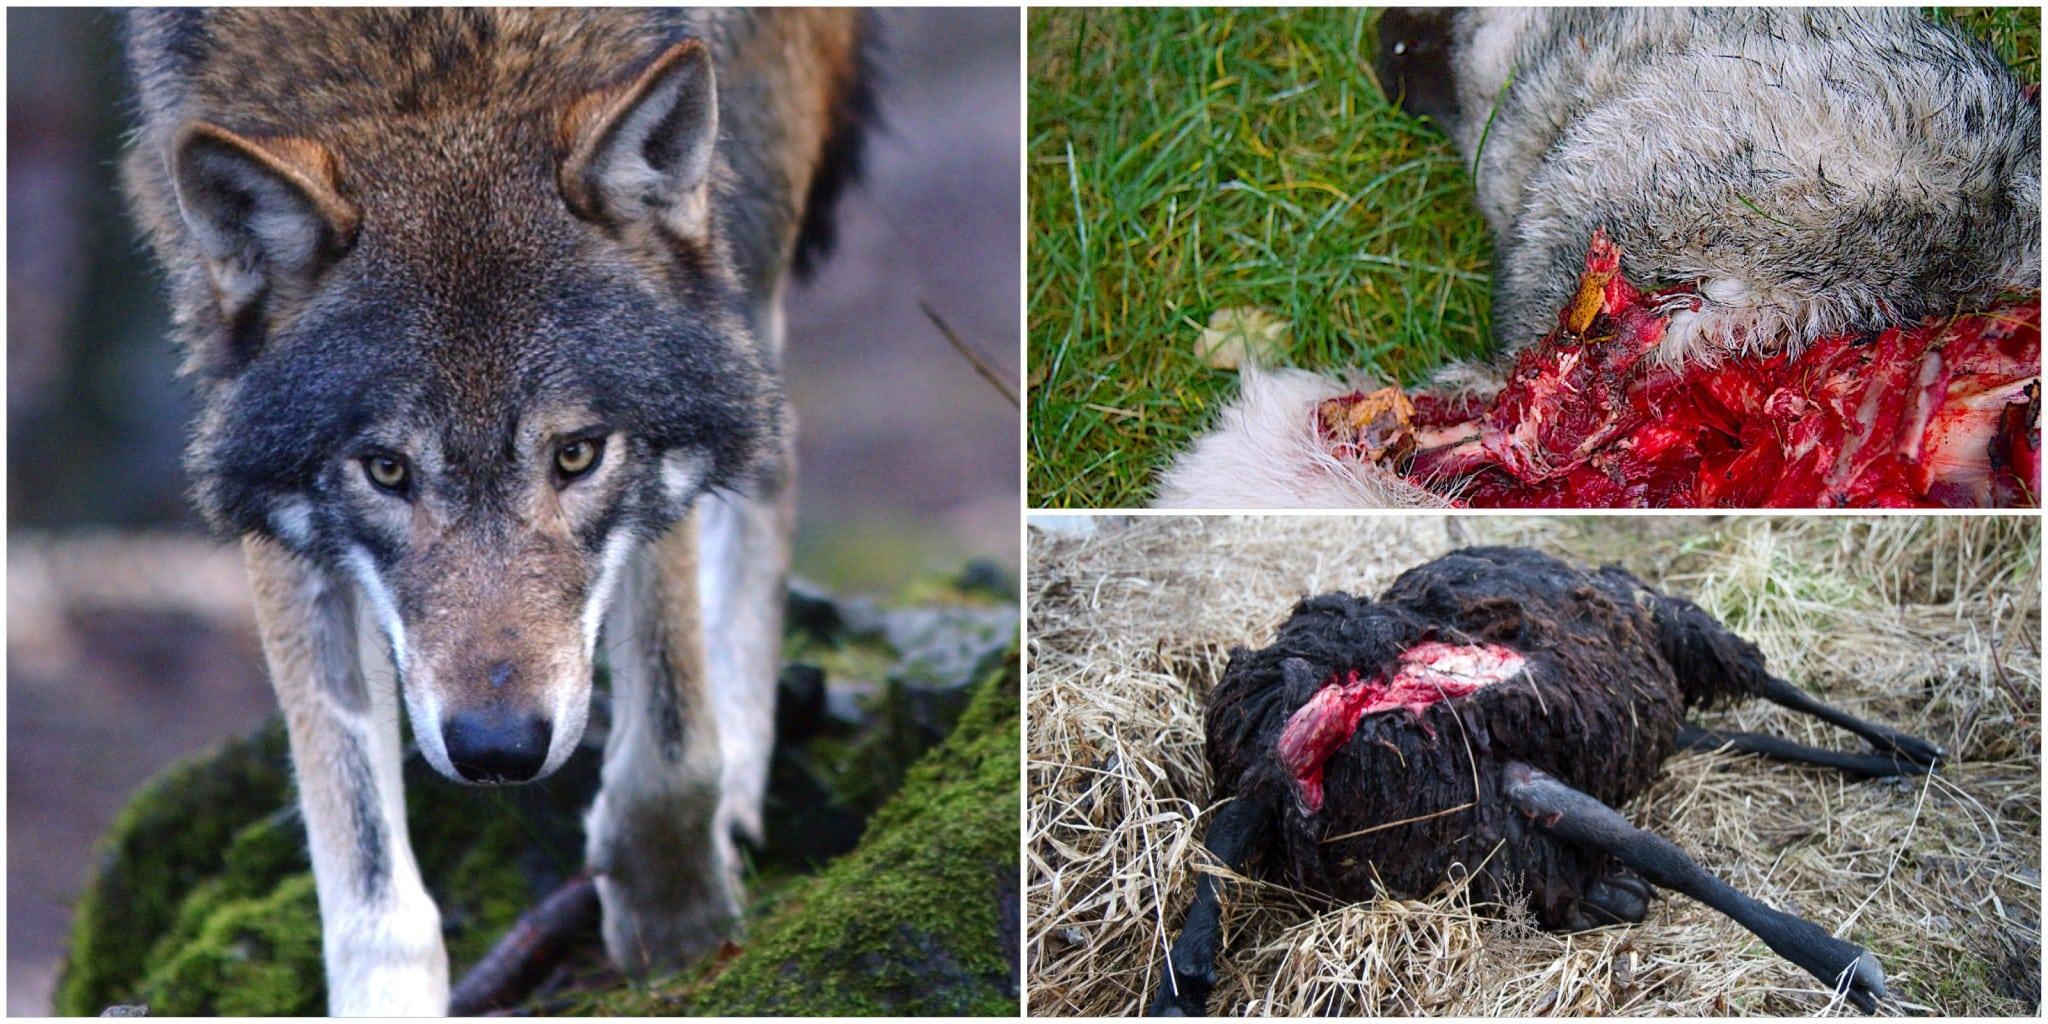 Sett till antalet individer i landet är vargen det stora rovdjur som orsakar mest skador på tamboskap och hundar. Foto: Olle Olsson samt Mostphotos